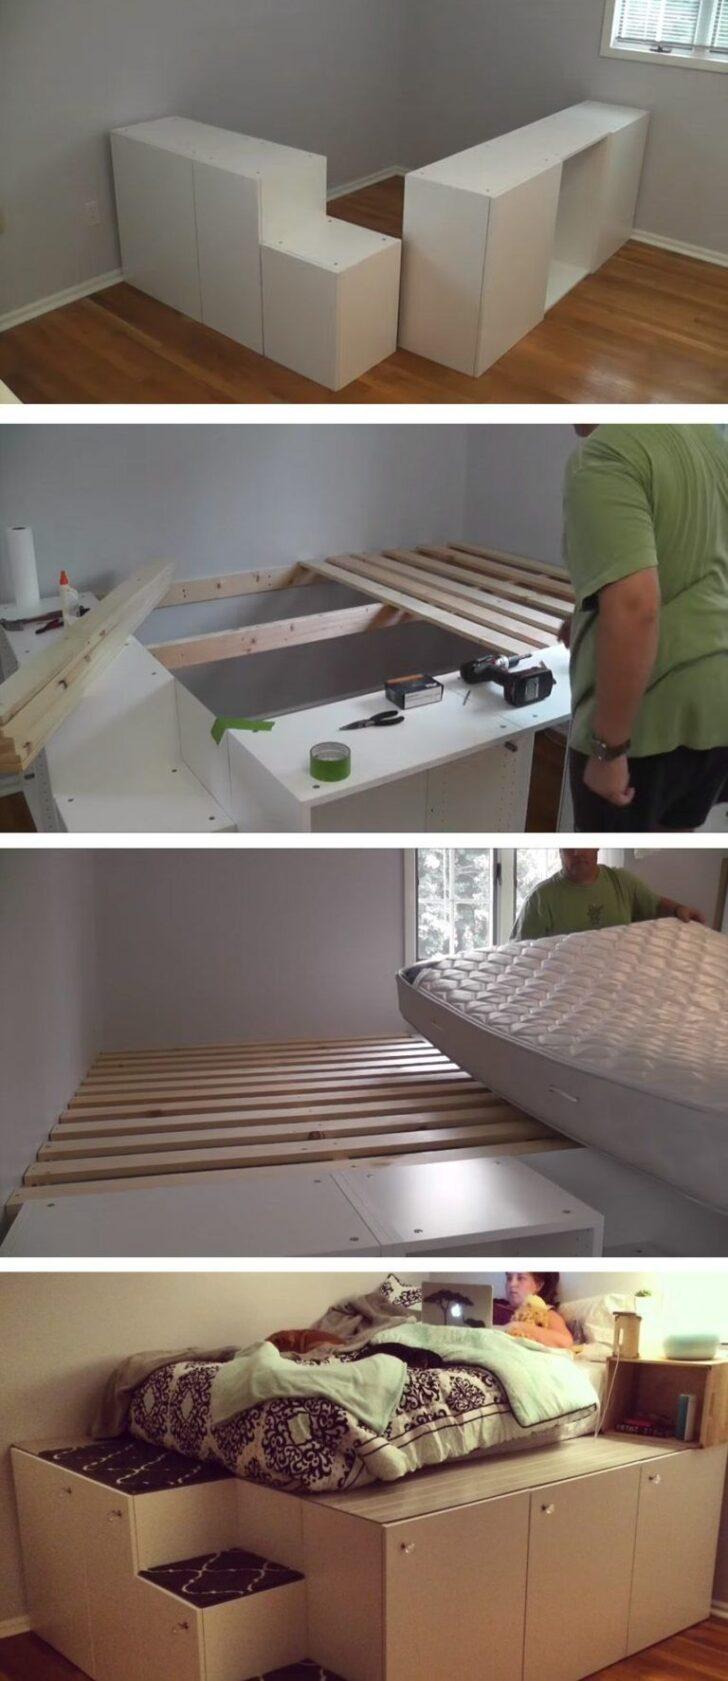 Medium Size of Podestbett Selber Bauen Ikea Bedroom Diy Betten 160x200 Sofa Mit Schlaffunktion Küche Kaufen Bei Modulküche Miniküche Kosten Wohnzimmer Podestbett Ikea